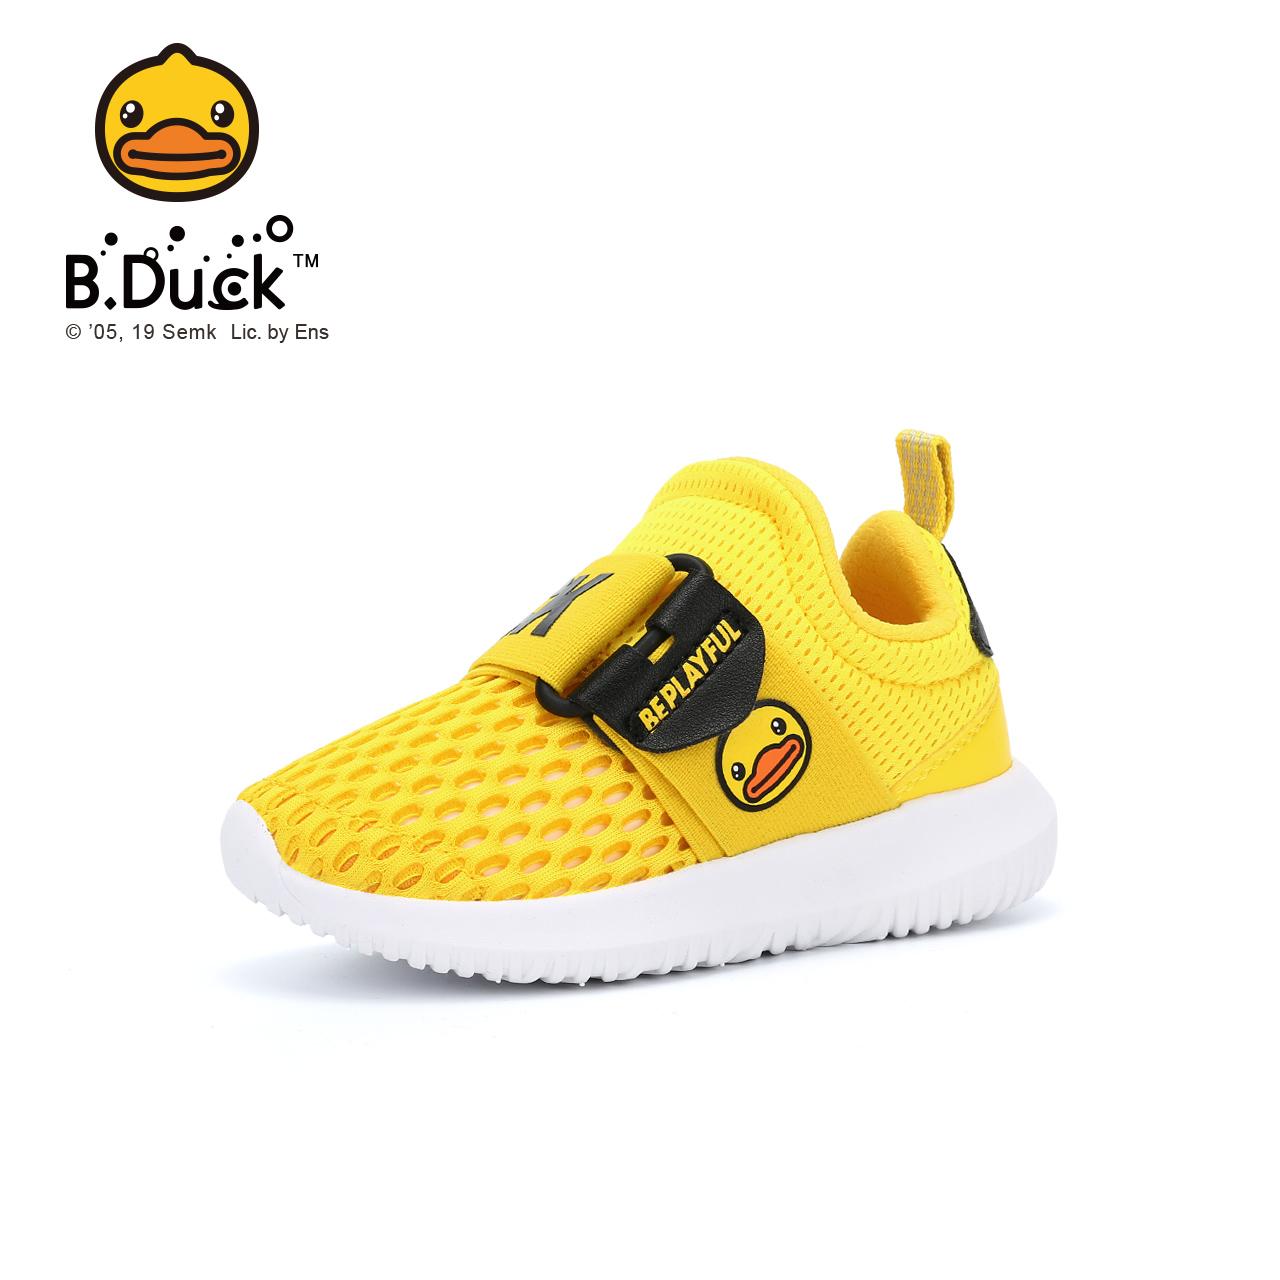 B.Duck小黄鸭童鞋男童鞋2019春夏新款儿童运动鞋单网男宝宝鞋潮鞋